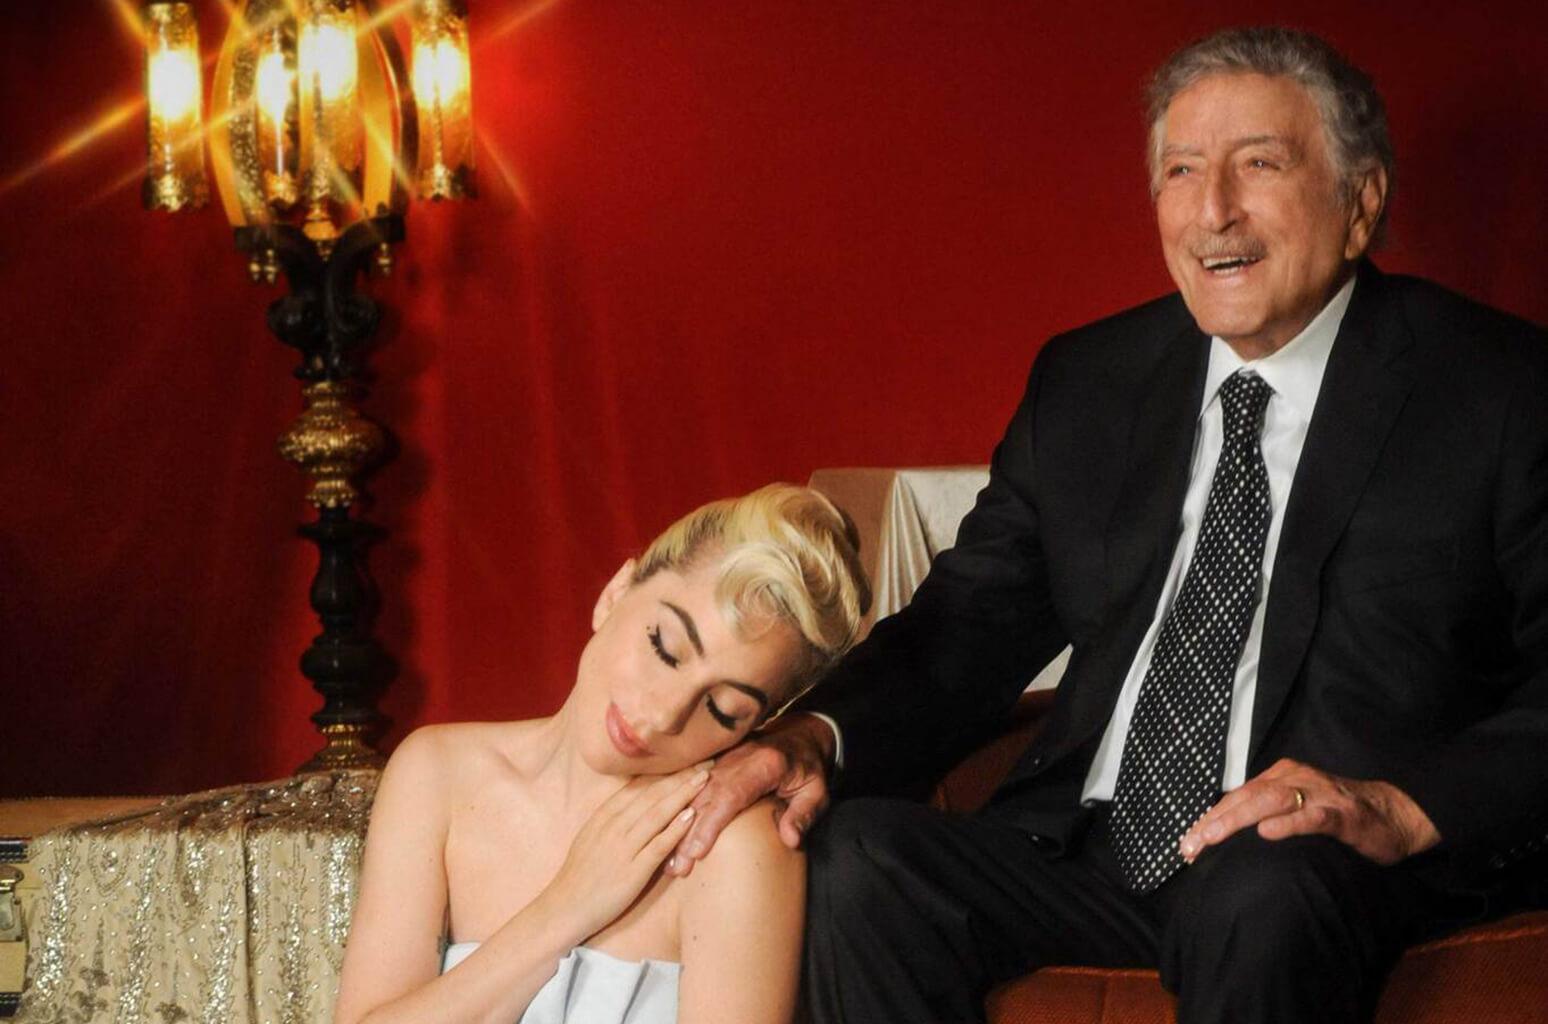 Lady GagaとTony Bennettの10年間の集大成!ニュー・アルバムより2曲目の新曲「Love For Sale」がリリース